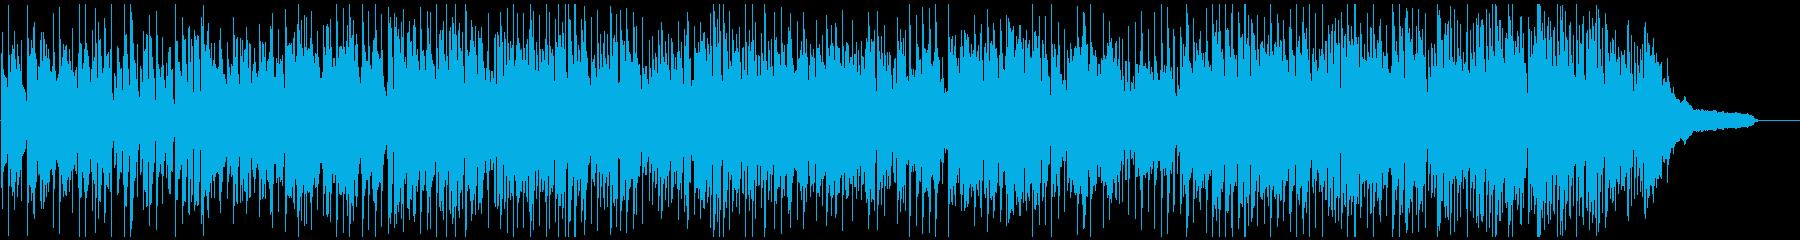 ファンキーなアルトサックスのクラブジャズの再生済みの波形